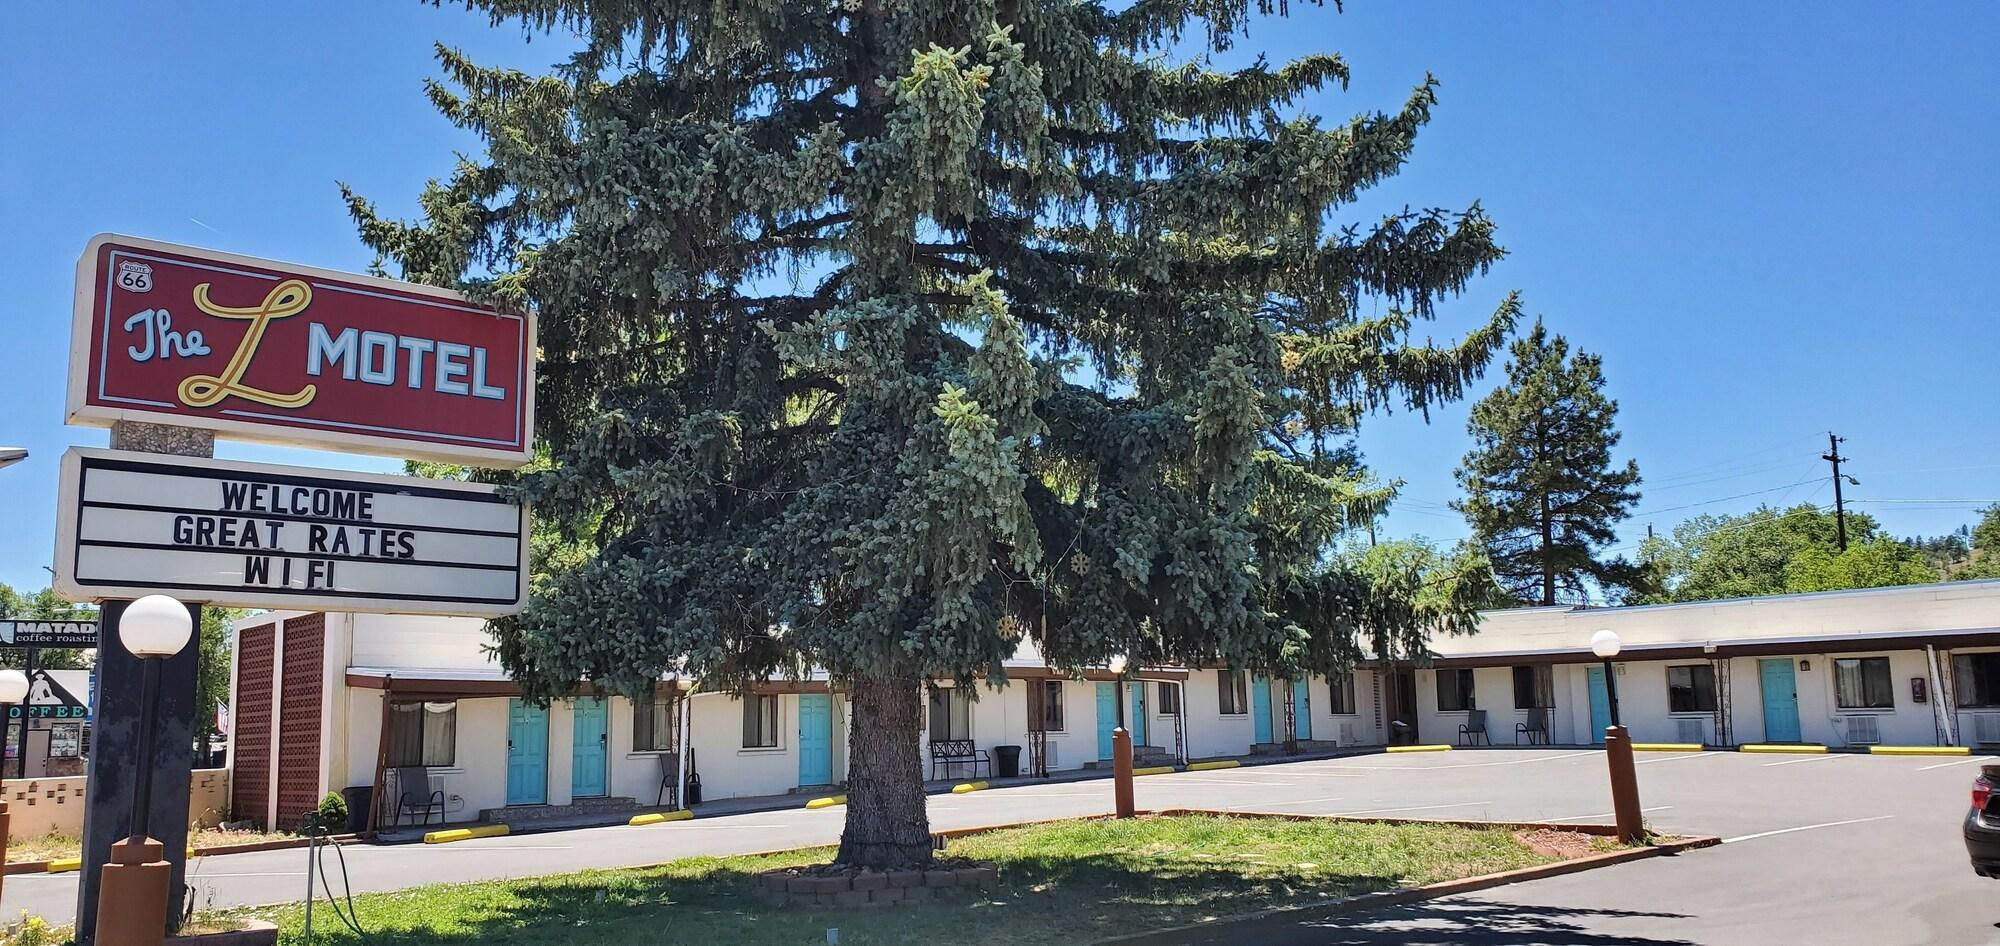 Hotell nära Northern Arizona University (Flagstaff) KAYAK